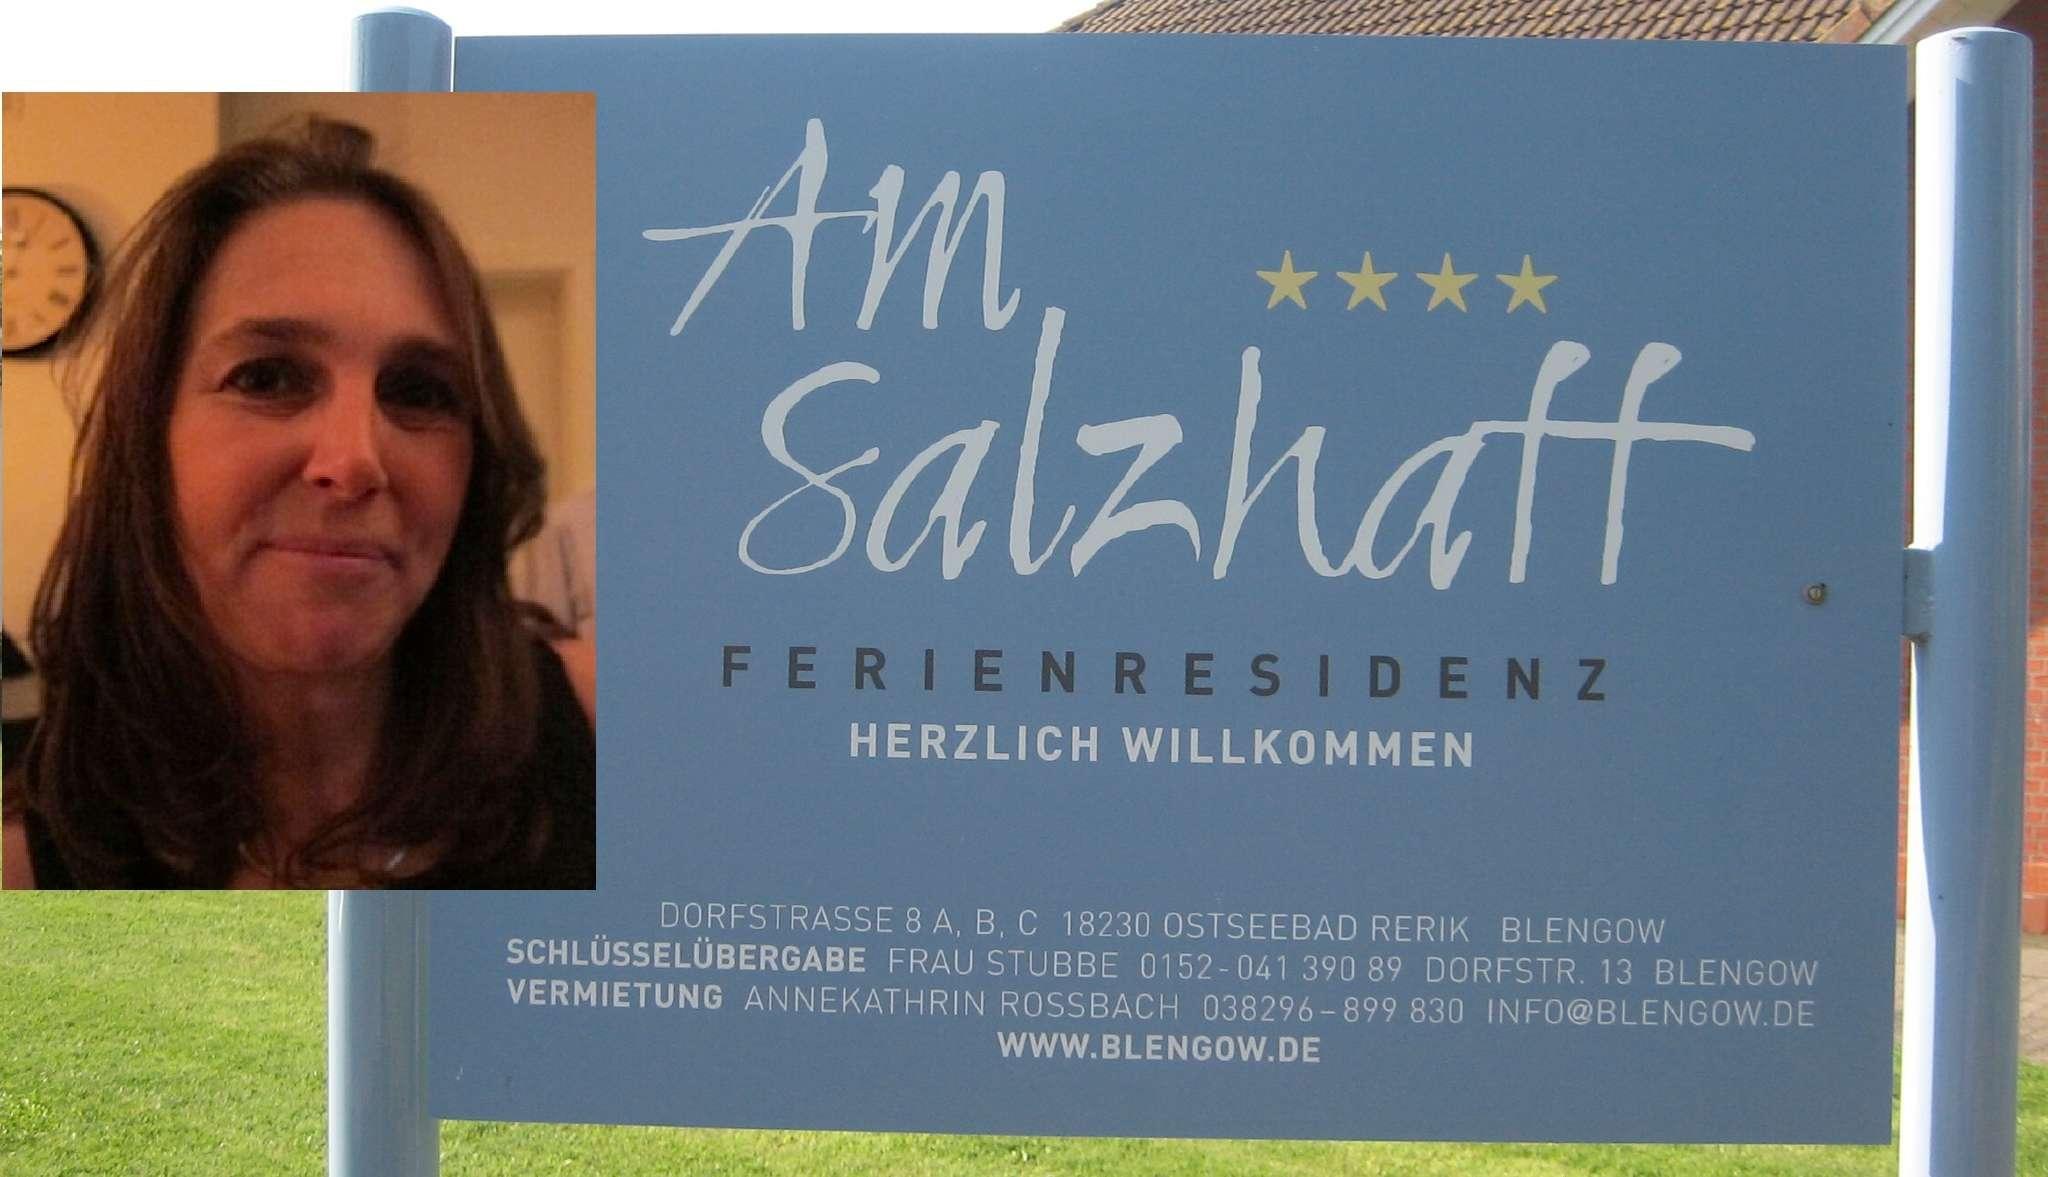 Ihre Vermieterin Frau Annekathrin Roßbach stellt sich vor